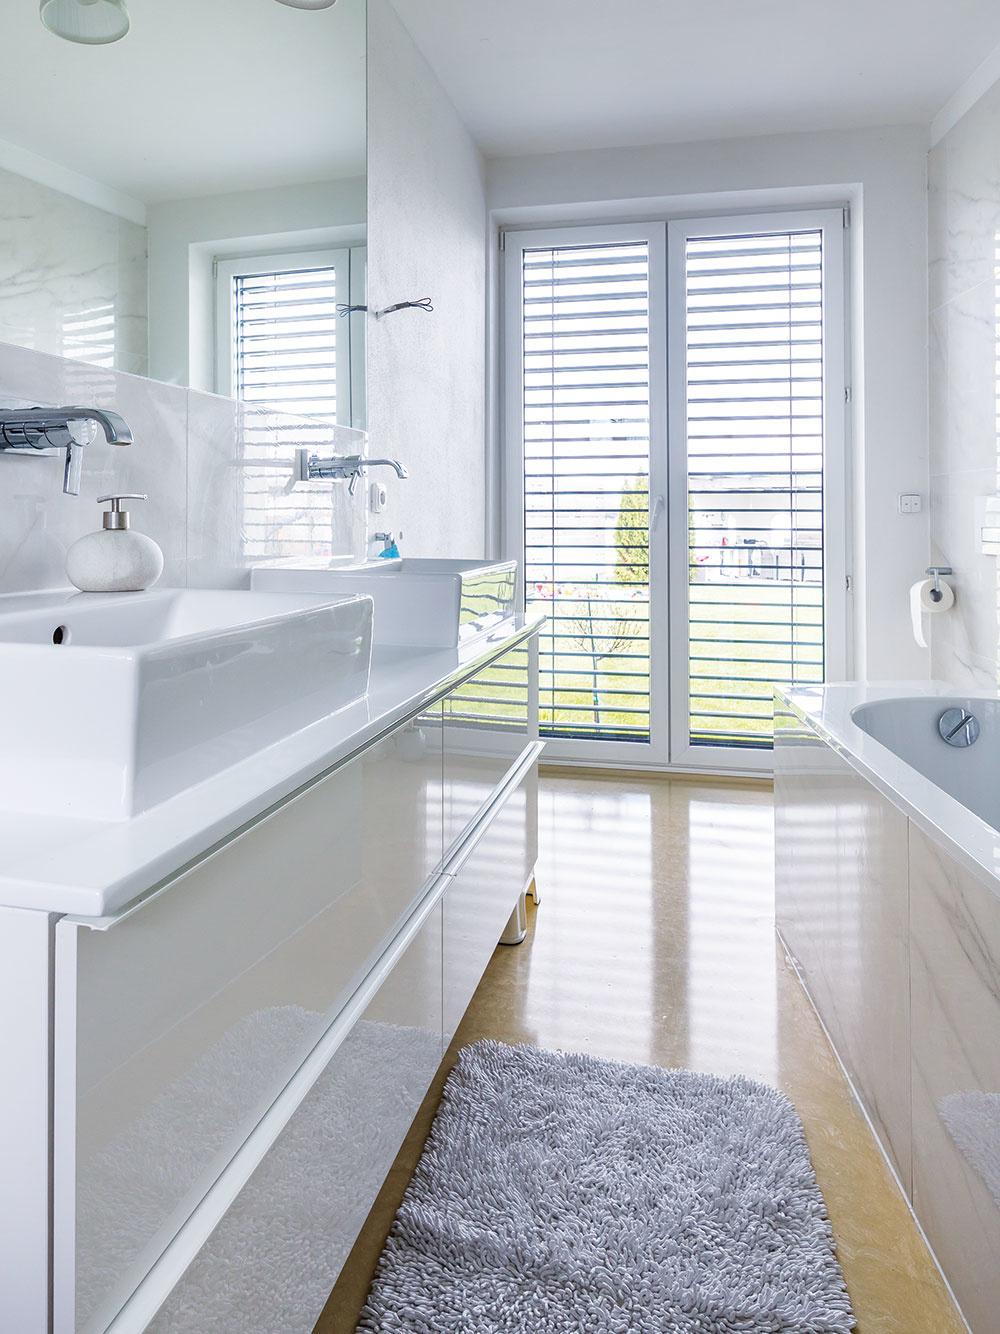 Kúpeľňa vbielej farbe sliatou béžovou podlahou pôsobí čisto aútulne.